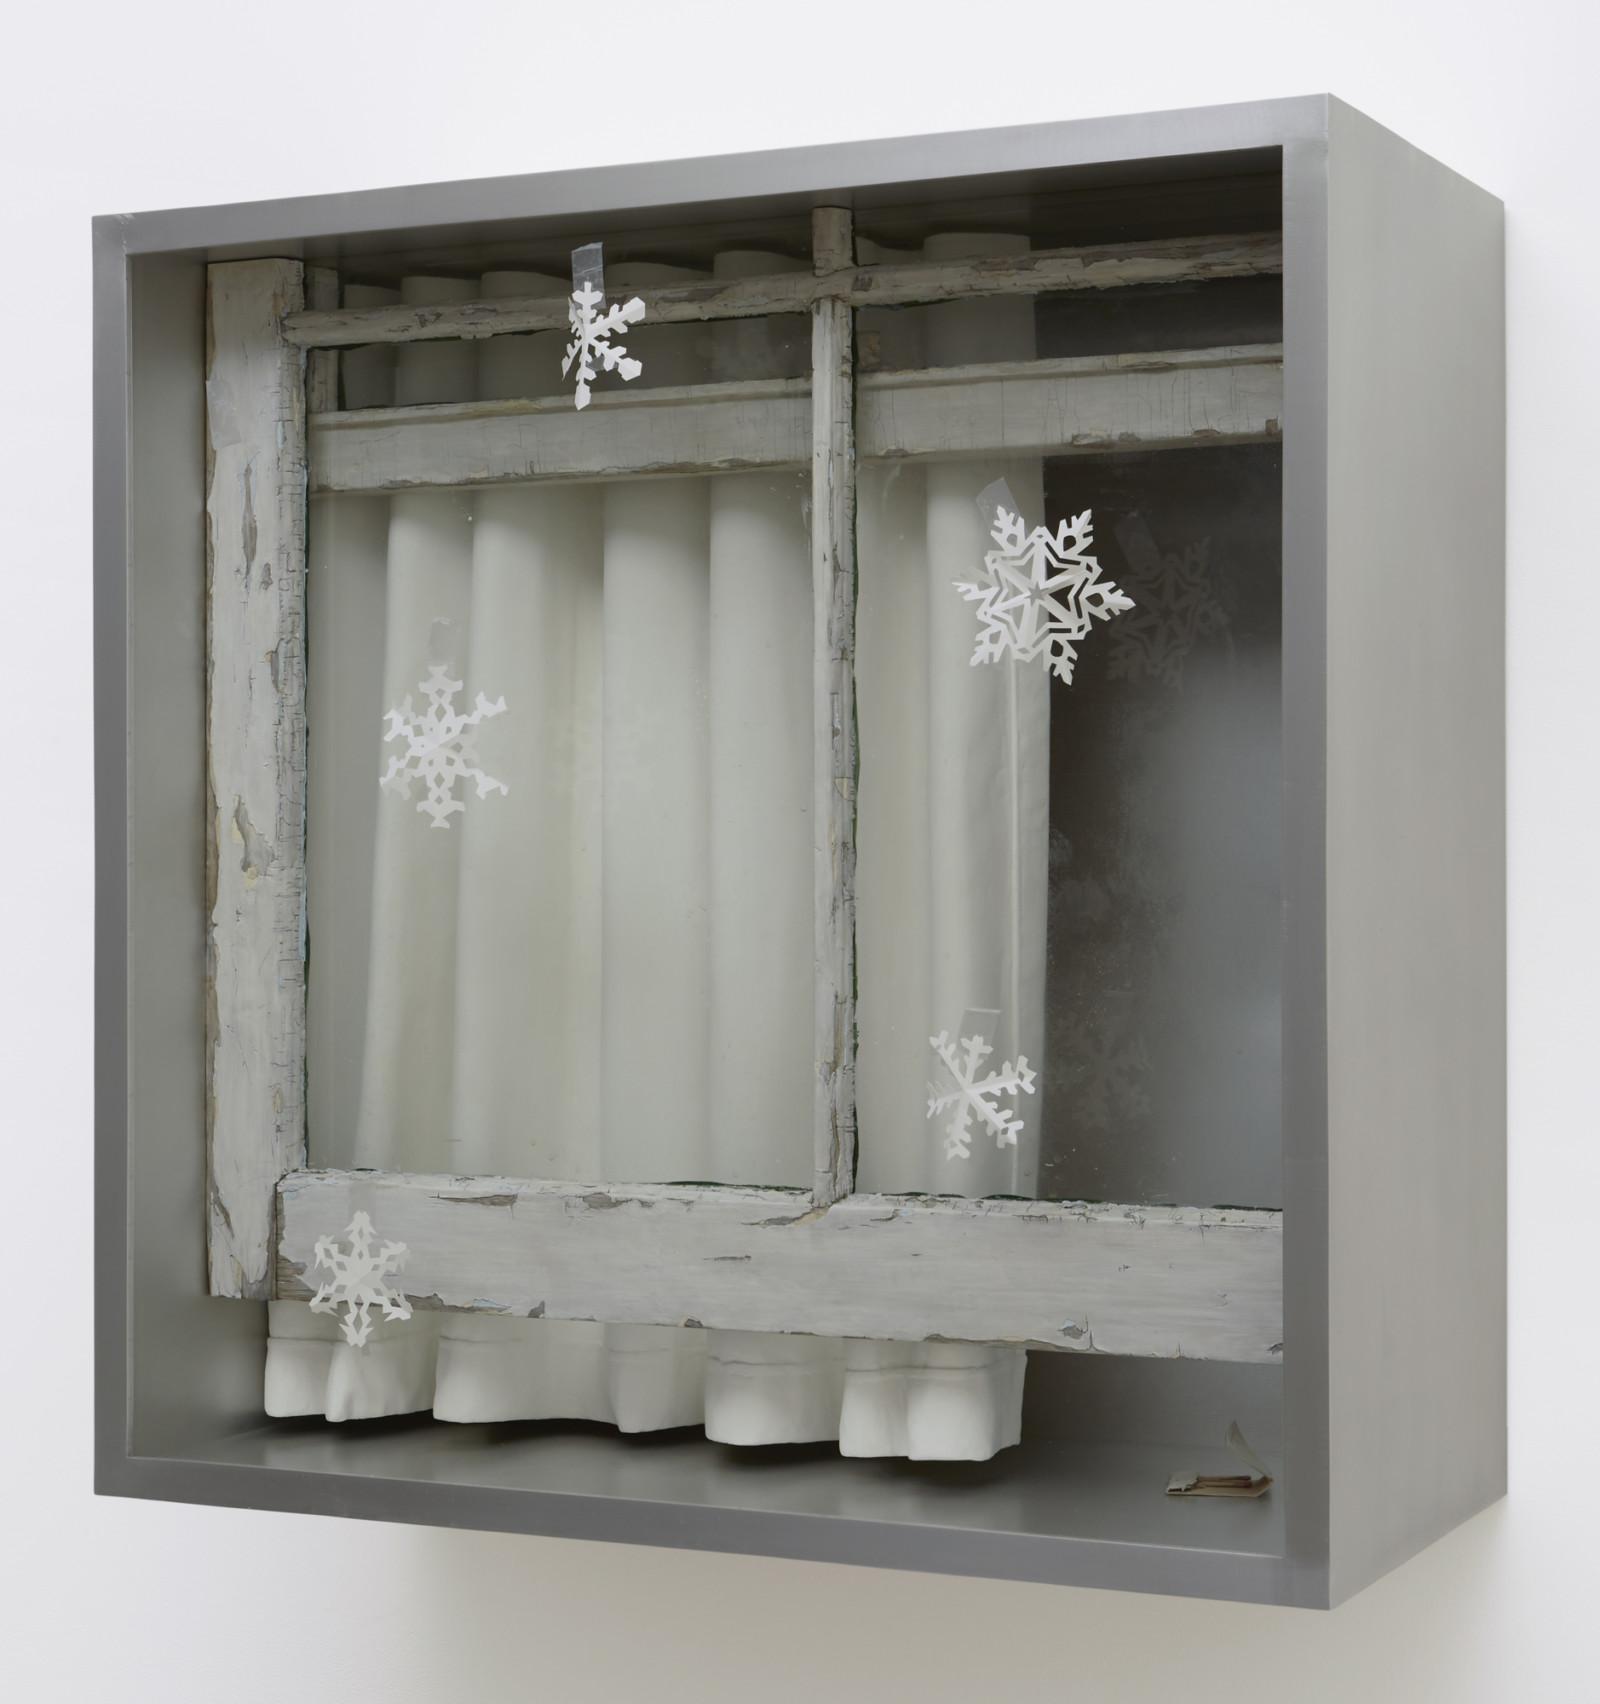 Sculpture by Robert Gober, , dated 2020